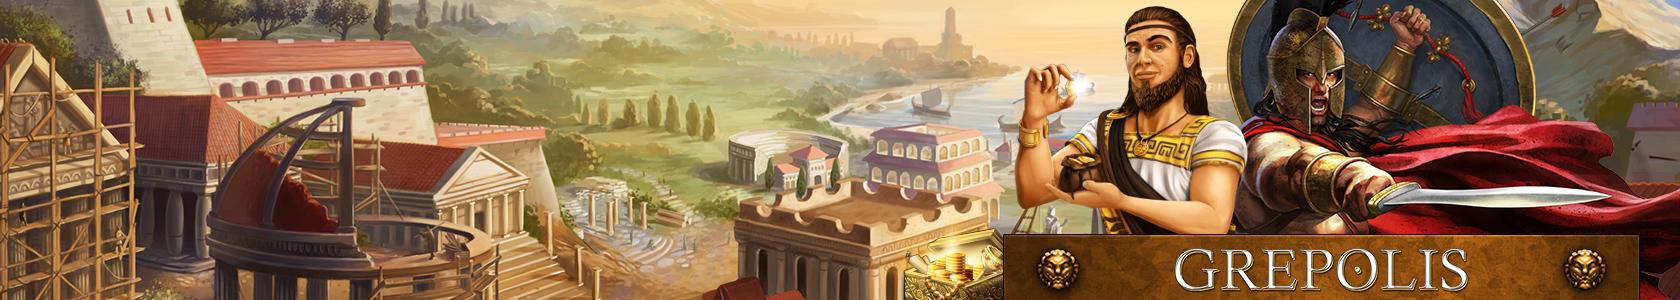 Grepolis, spielen Sie in der griechischen Antike